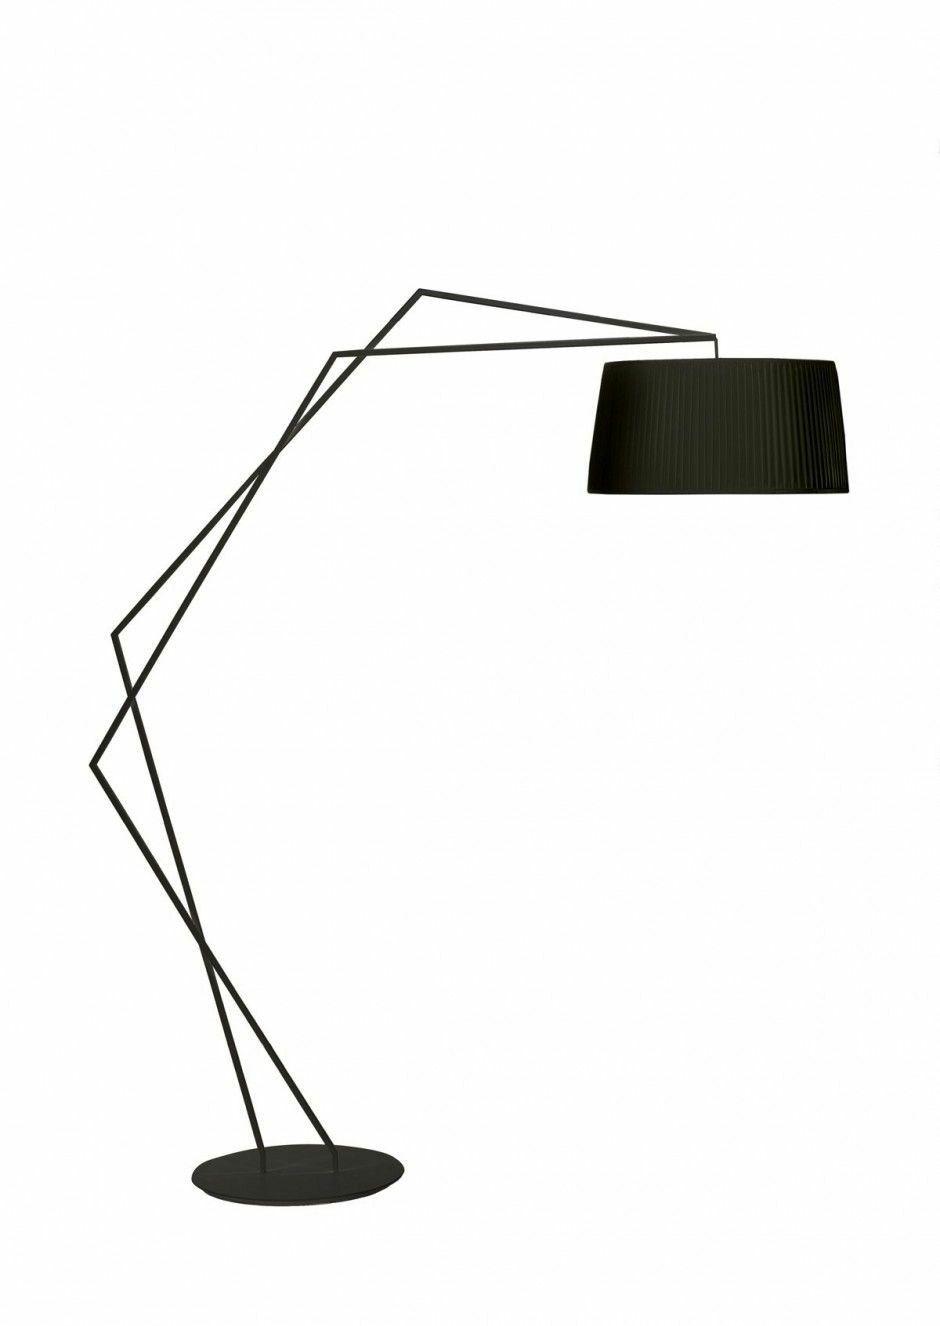 Pin di Carlo Pollio su lights Lampade, Illuminazione